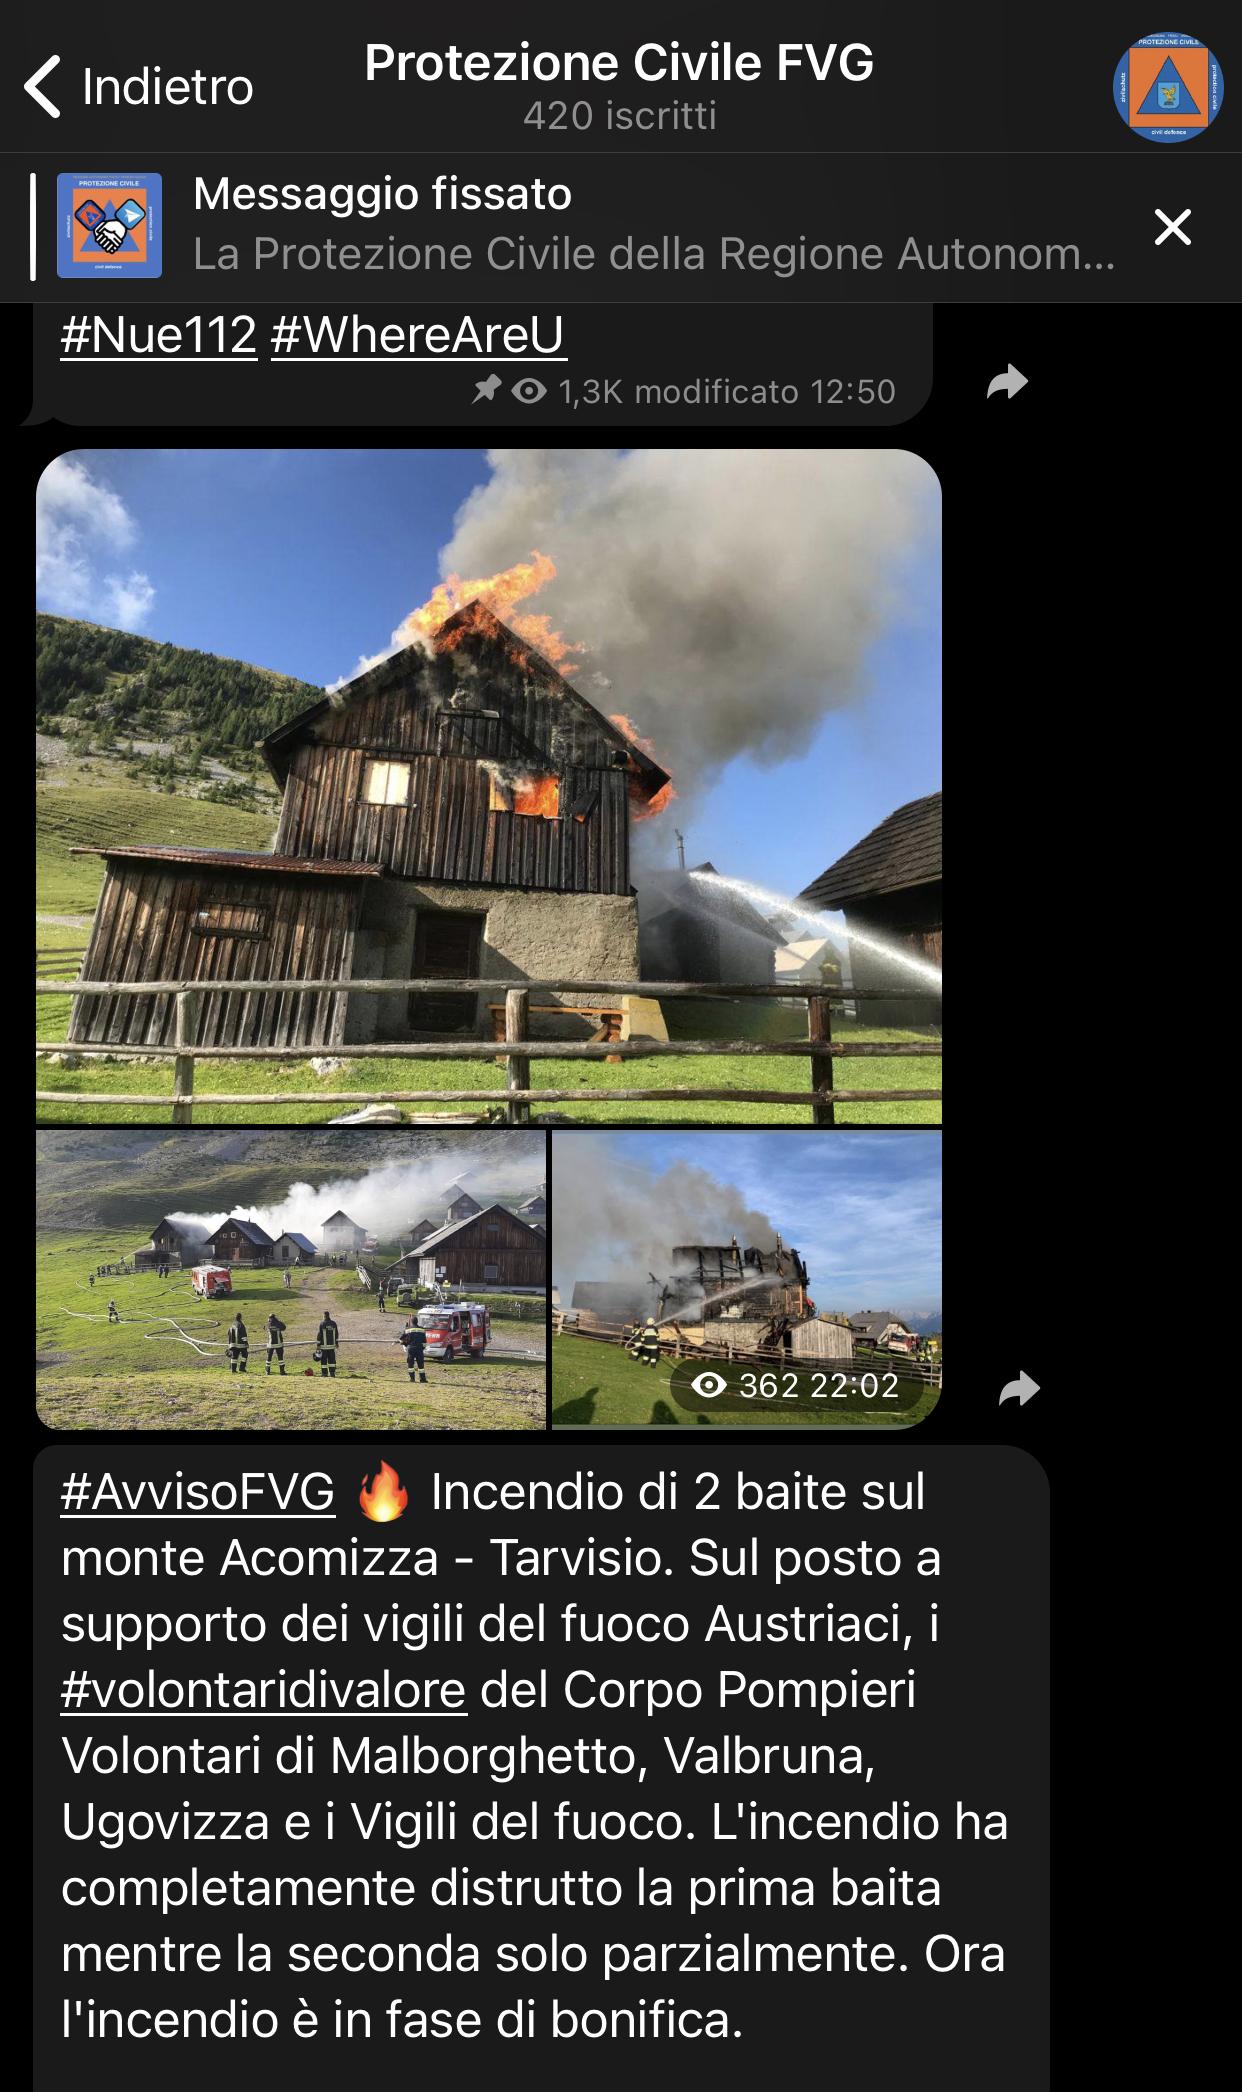 La Protezione Civile del Friuli Venezia Giulia sbarca su Telegram e Instagram